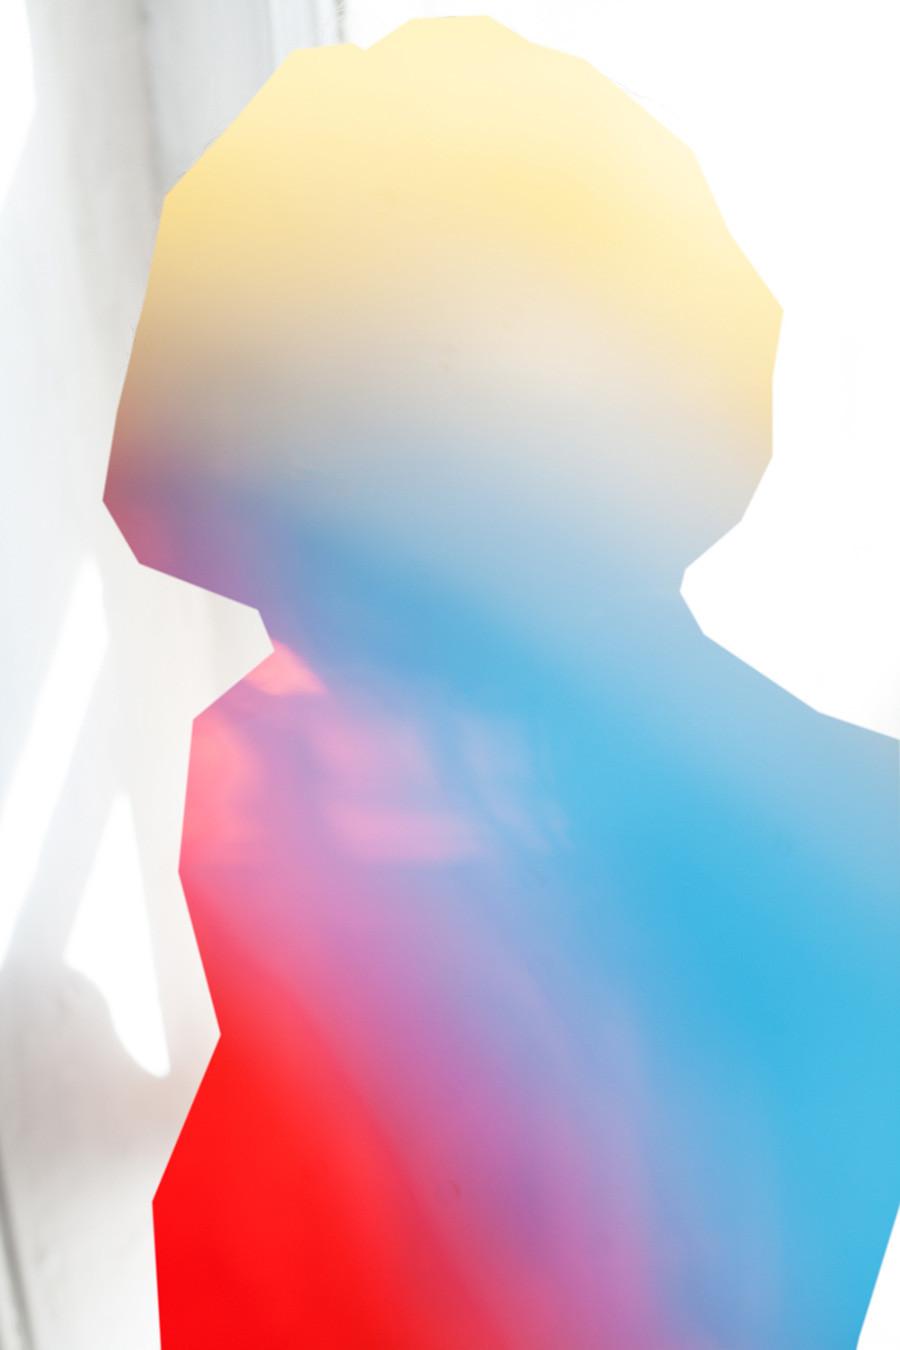 ニキータ・ピロゴフ、「僕と君」シリーズより、赤・金・空色のリョーシャ、2015年